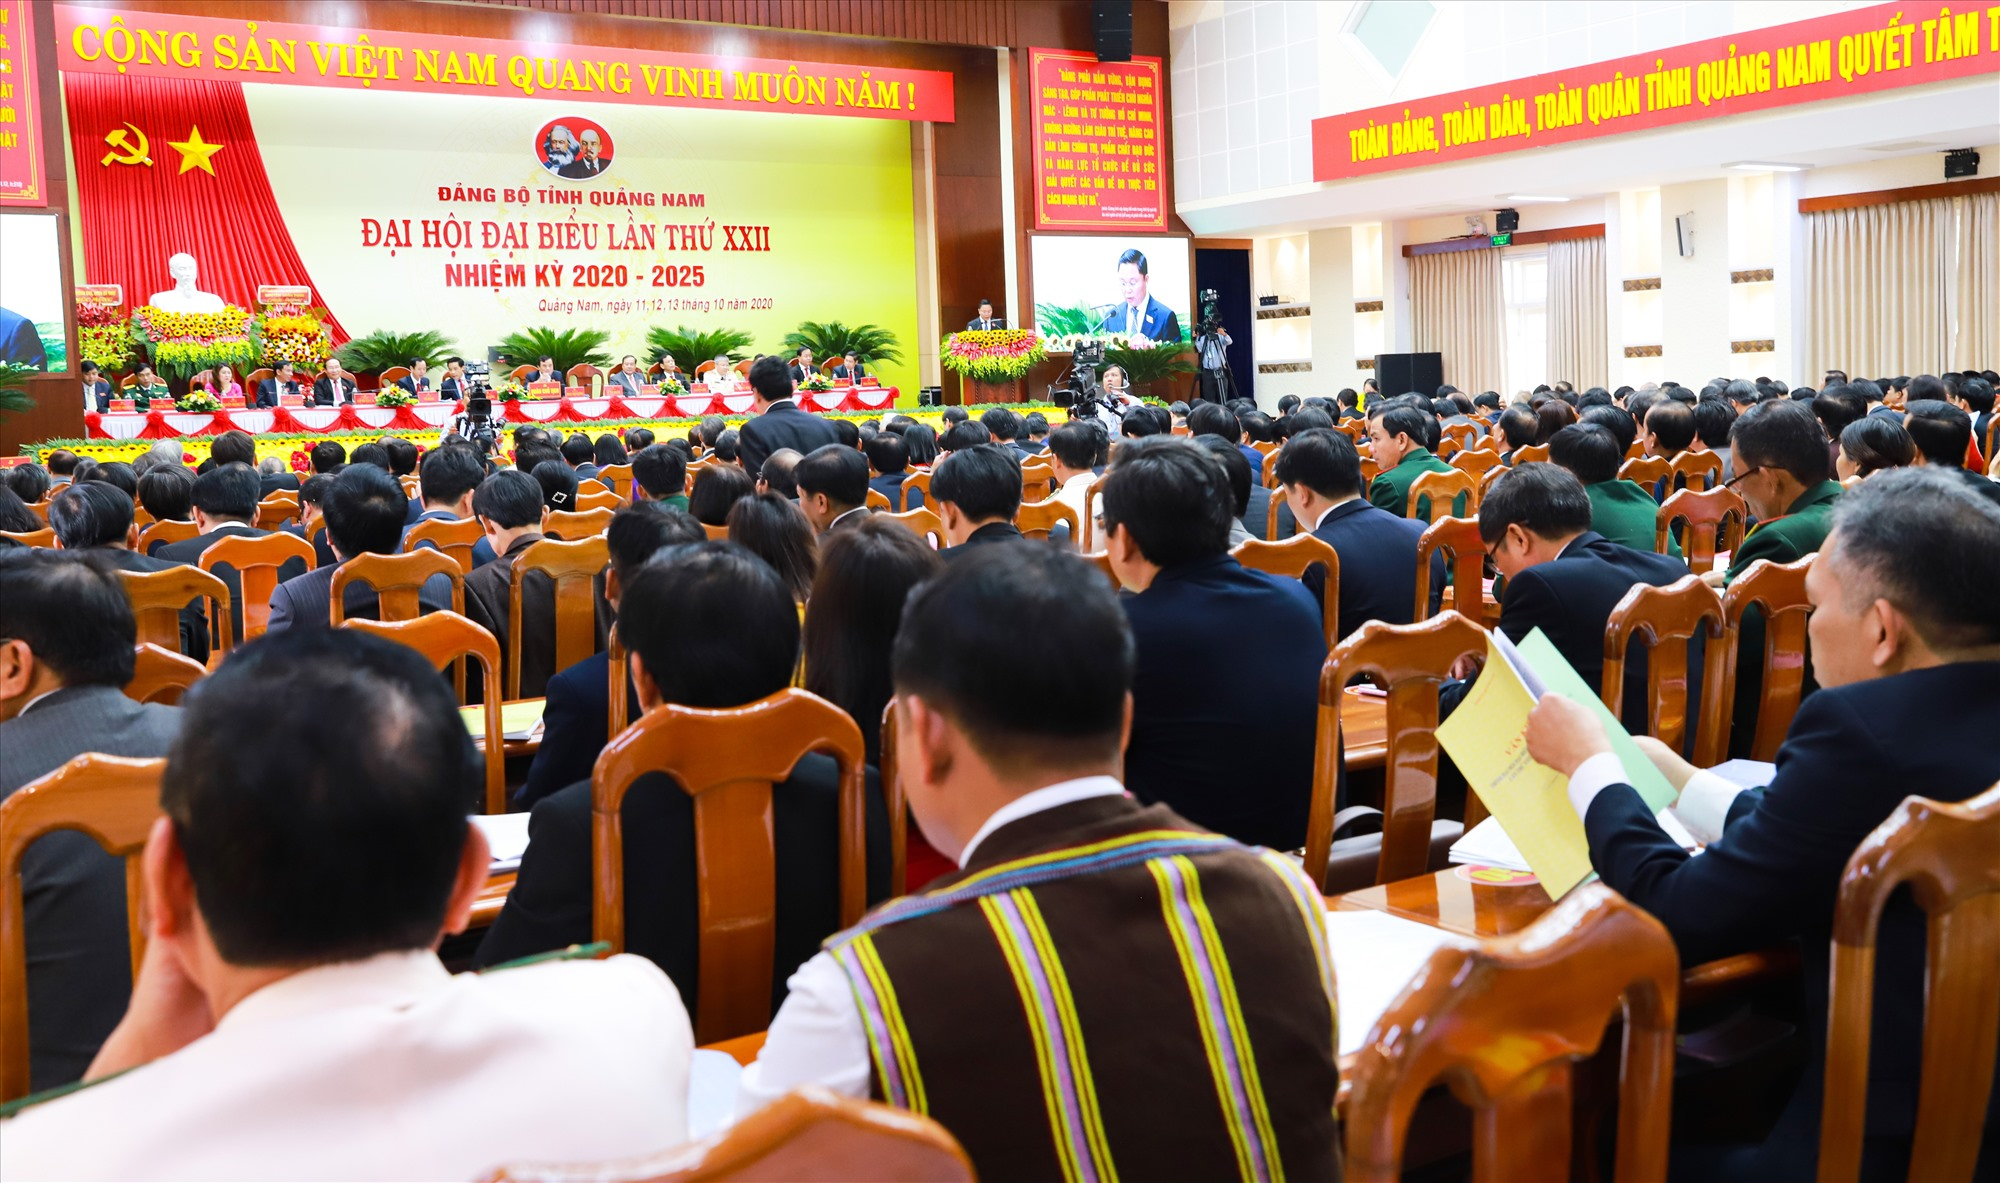 Đại hội đại biểu Đảng bộ tỉnh lần thứ XXII xác định thực hiện hiệu quả Nghị quyết Trung ương 4 (khóa XII) gắn với Chỉ thị 05 là giải pháp quan trọng để xây dựng Đảng bộ tỉnh trong sạch vững mạnh. Ảnh: N.Đ